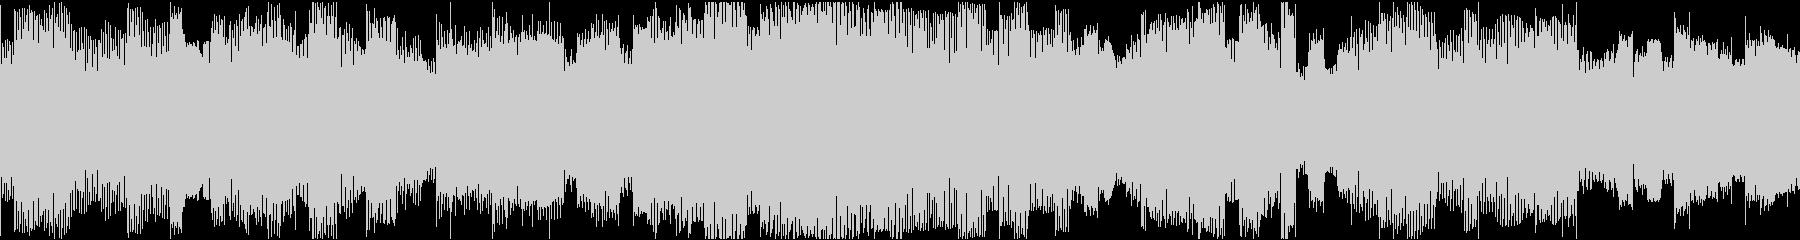 ファミコン風8bitチップチューンの未再生の波形